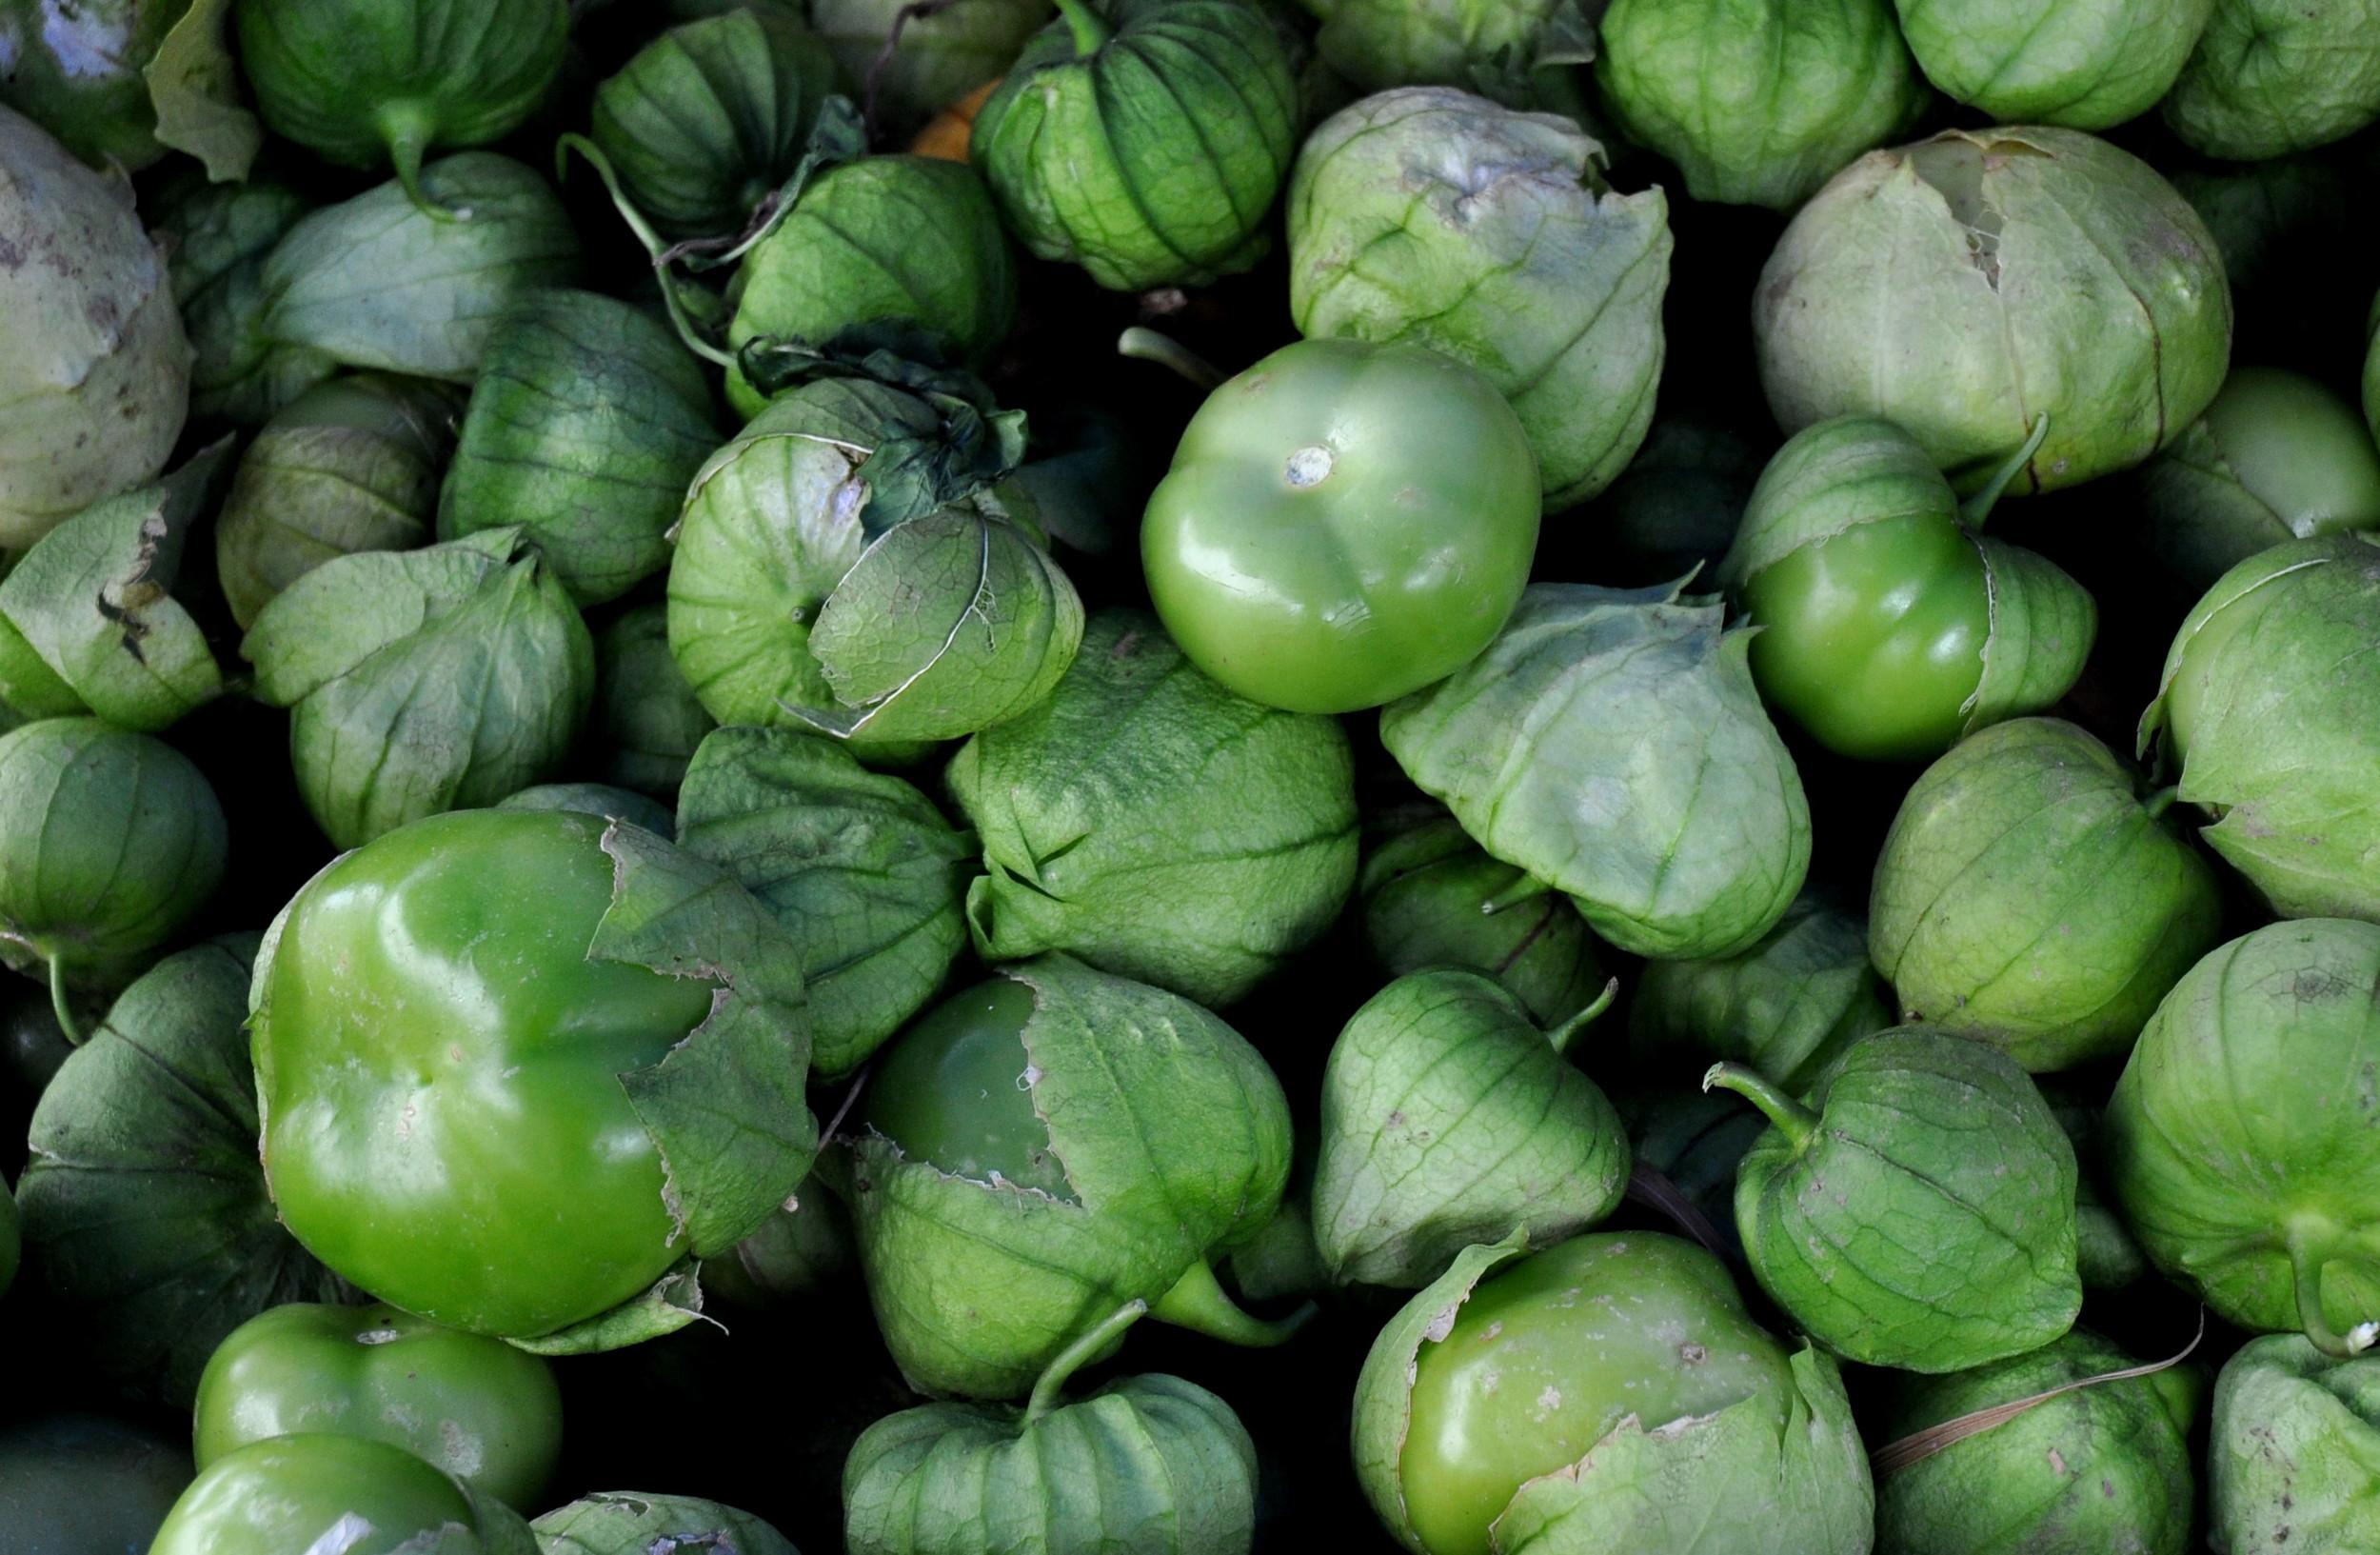 Tomatillos from Alvarez Organic Farms. Photo copyright 2013 by Zachary D. Lyons.